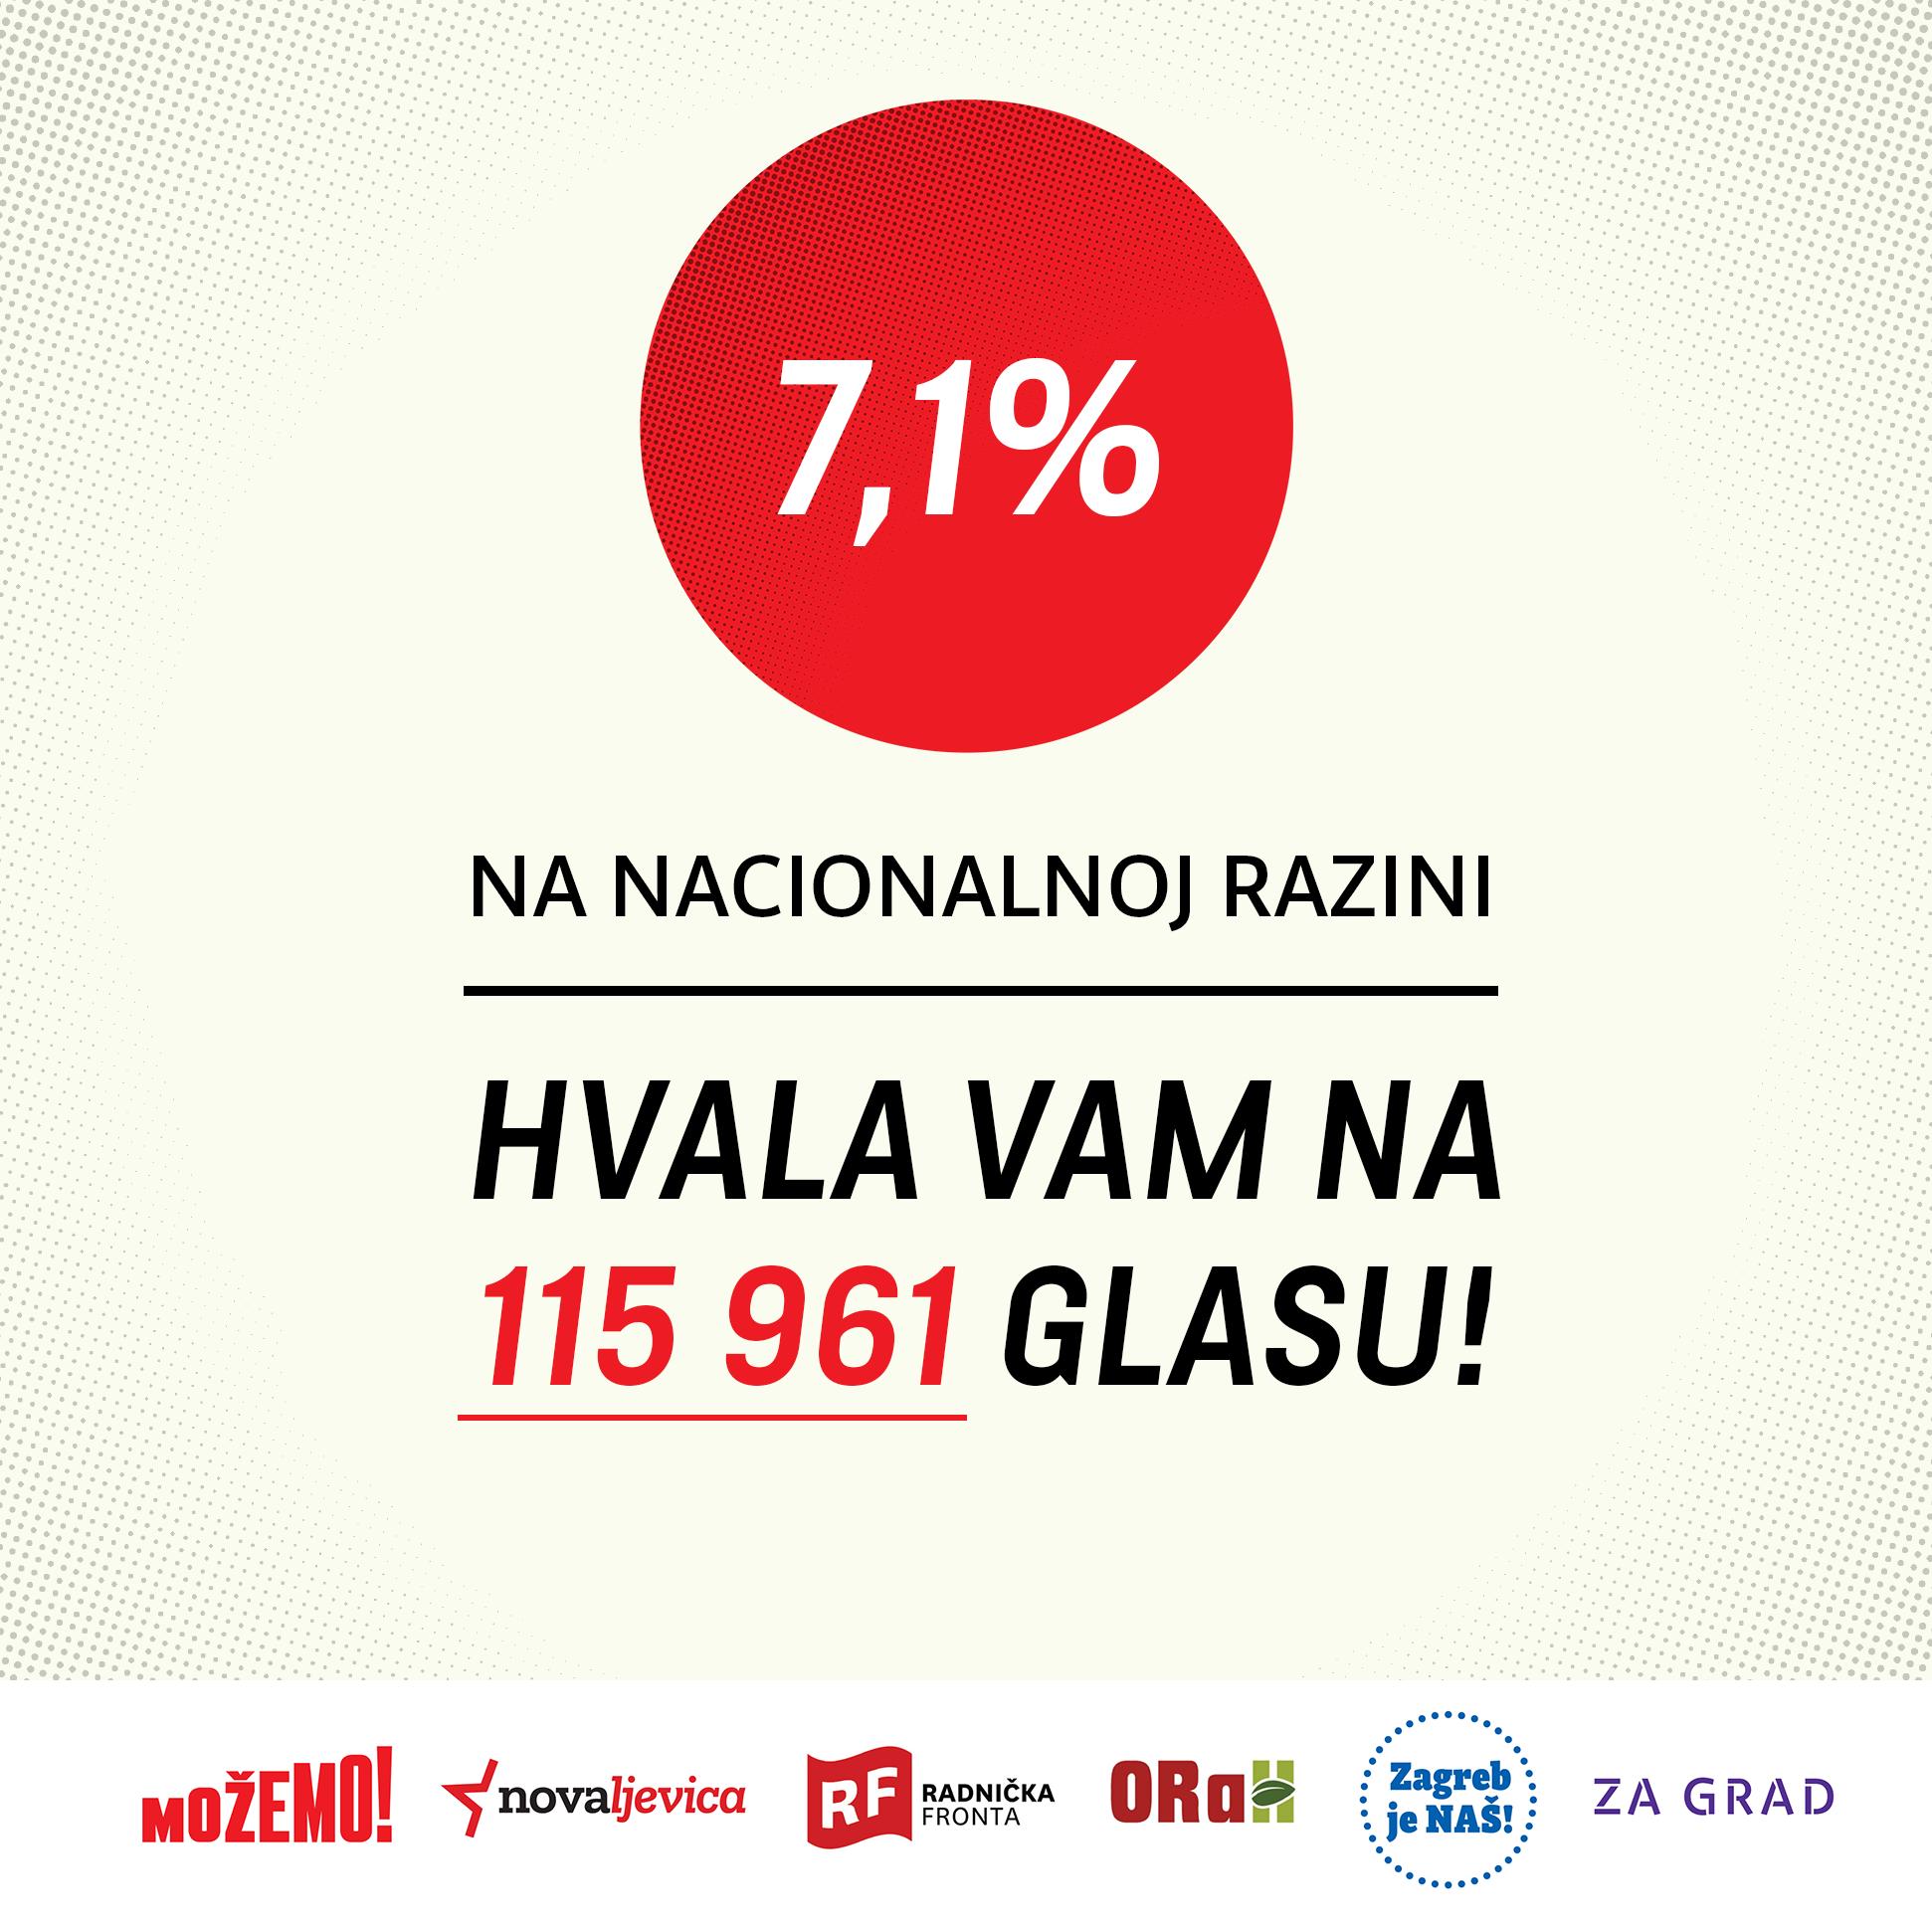 Osvojili smo više od 7 posto ukupnog broja glasova!